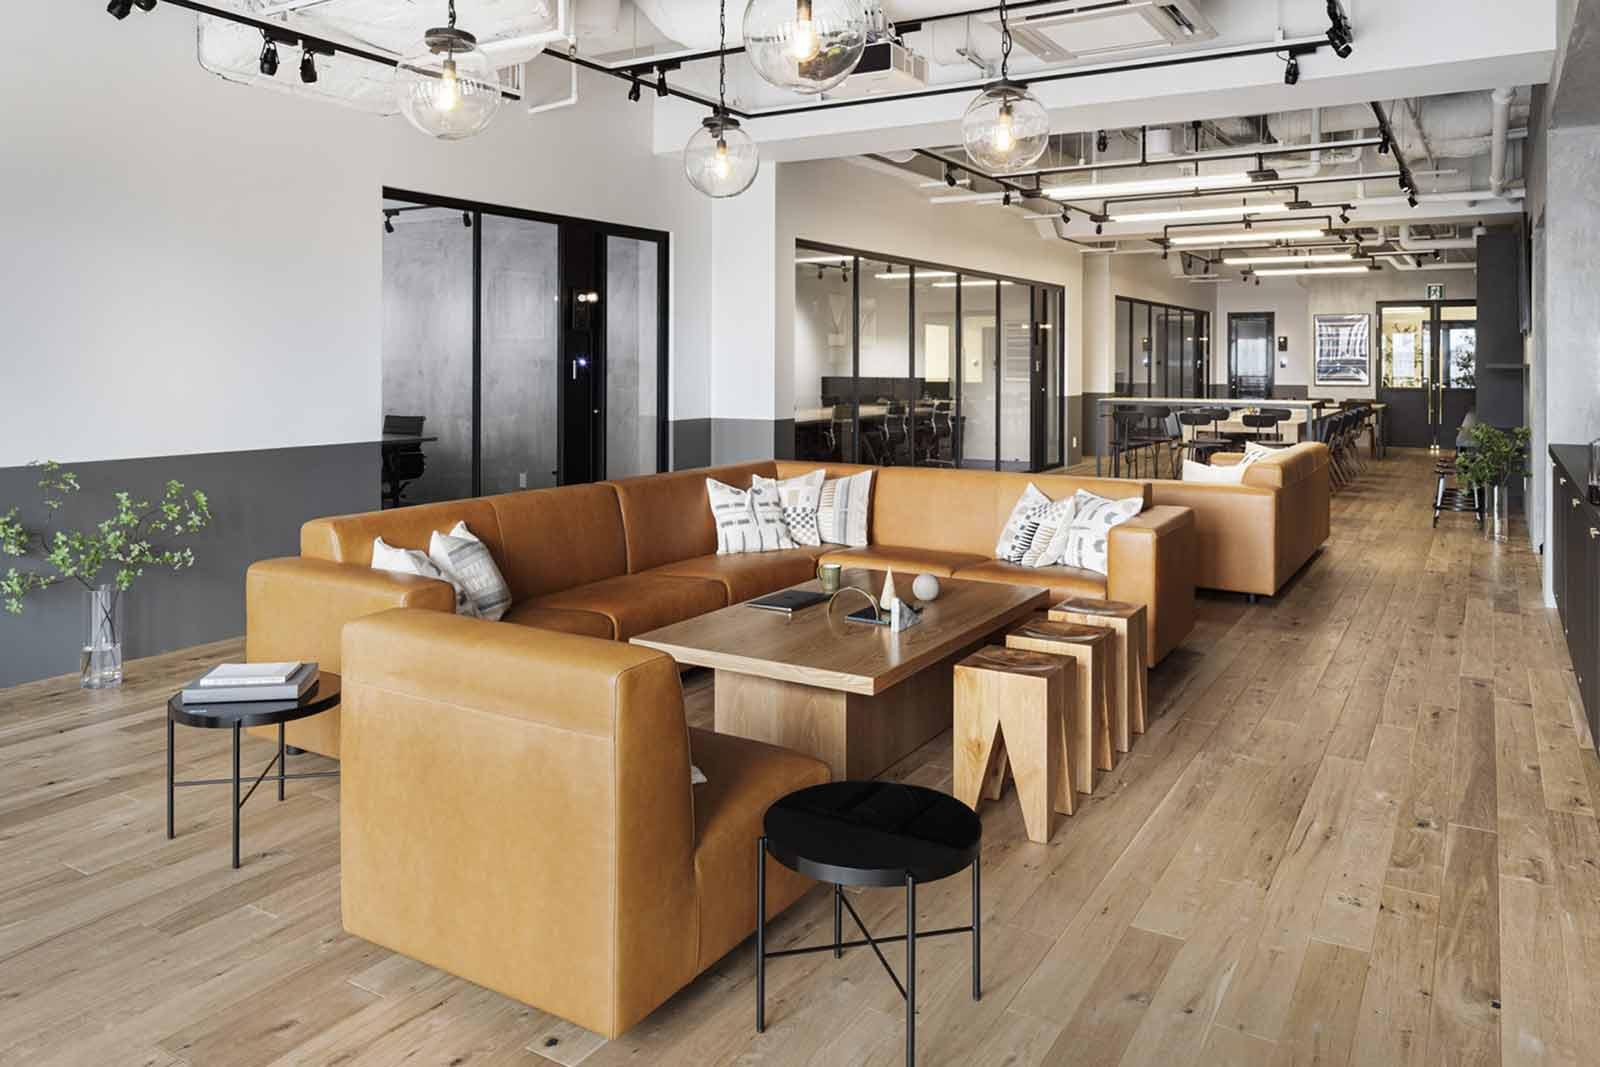 品川・御殿山オフィス|庭園もシェアできる快適性を極めたレンタルオフィス